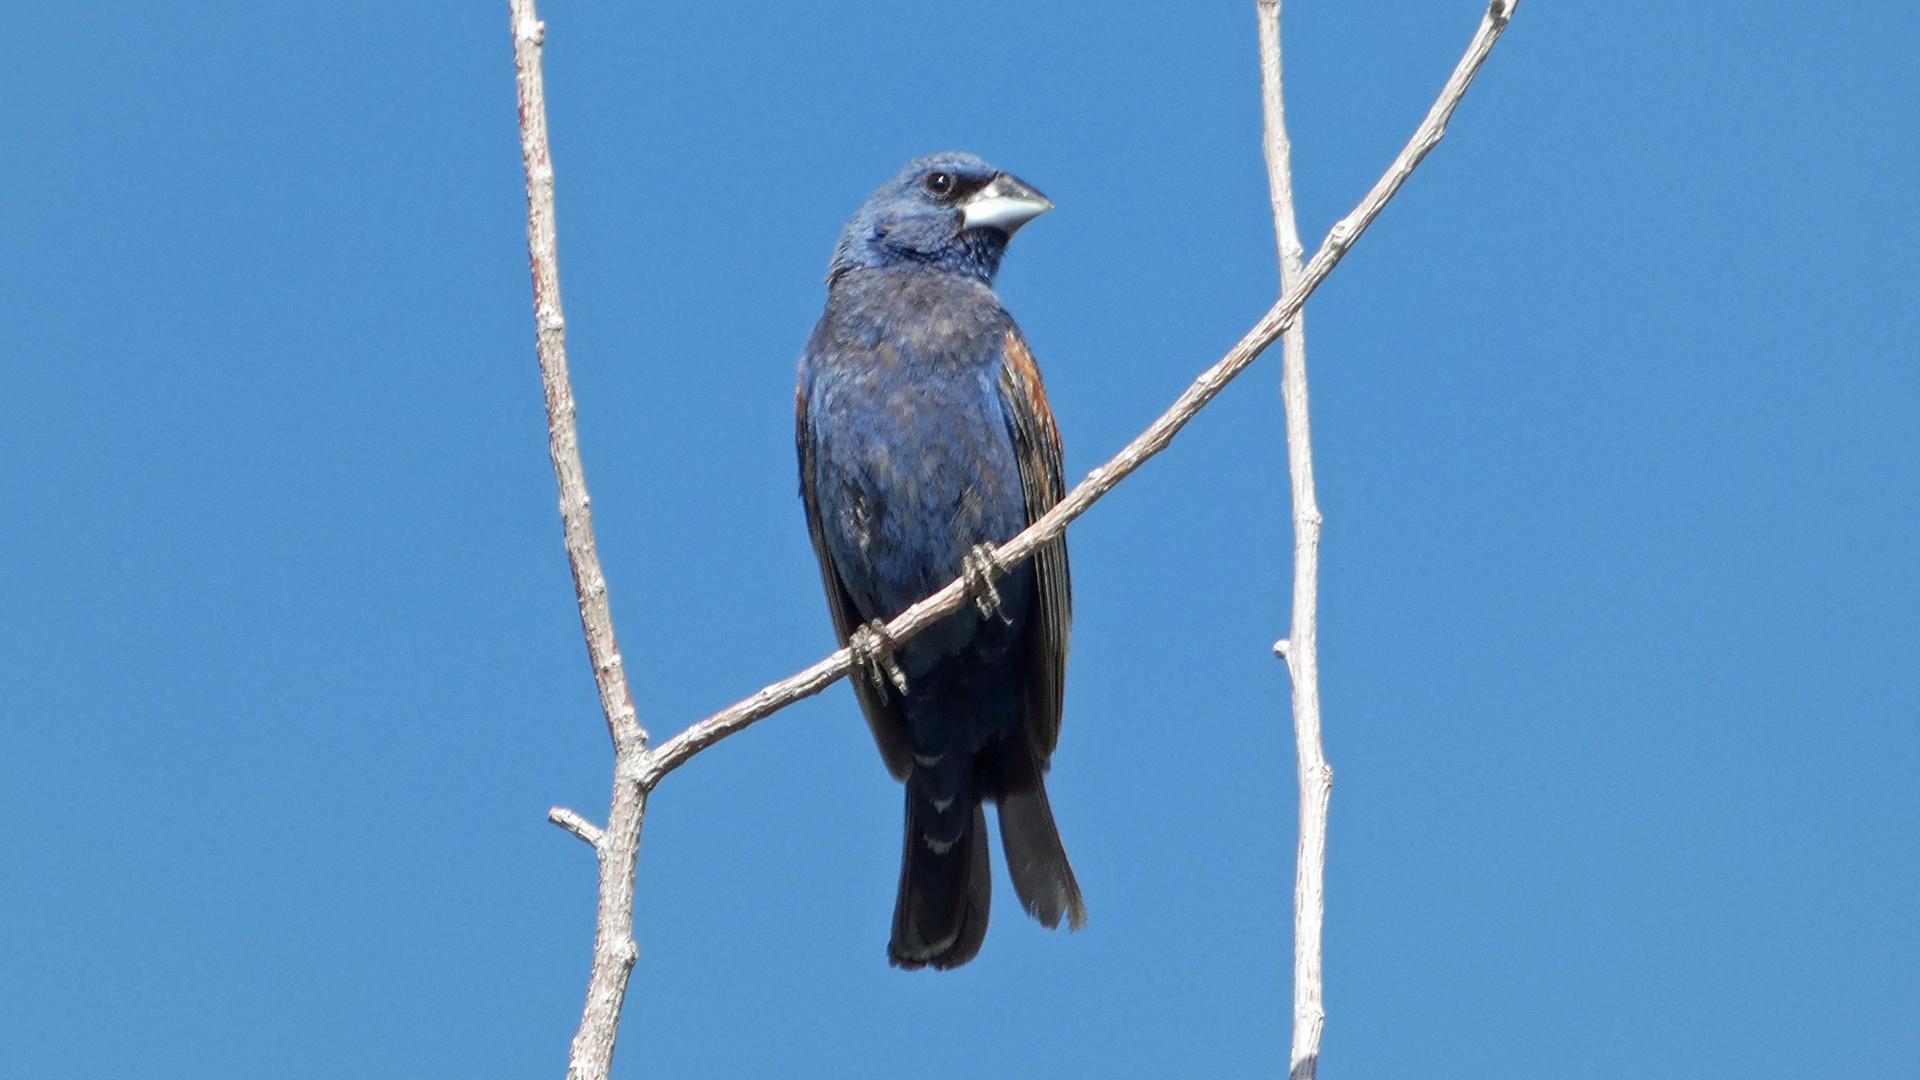 Male, Rio Grande Bosque, Albuquerque, August 2021